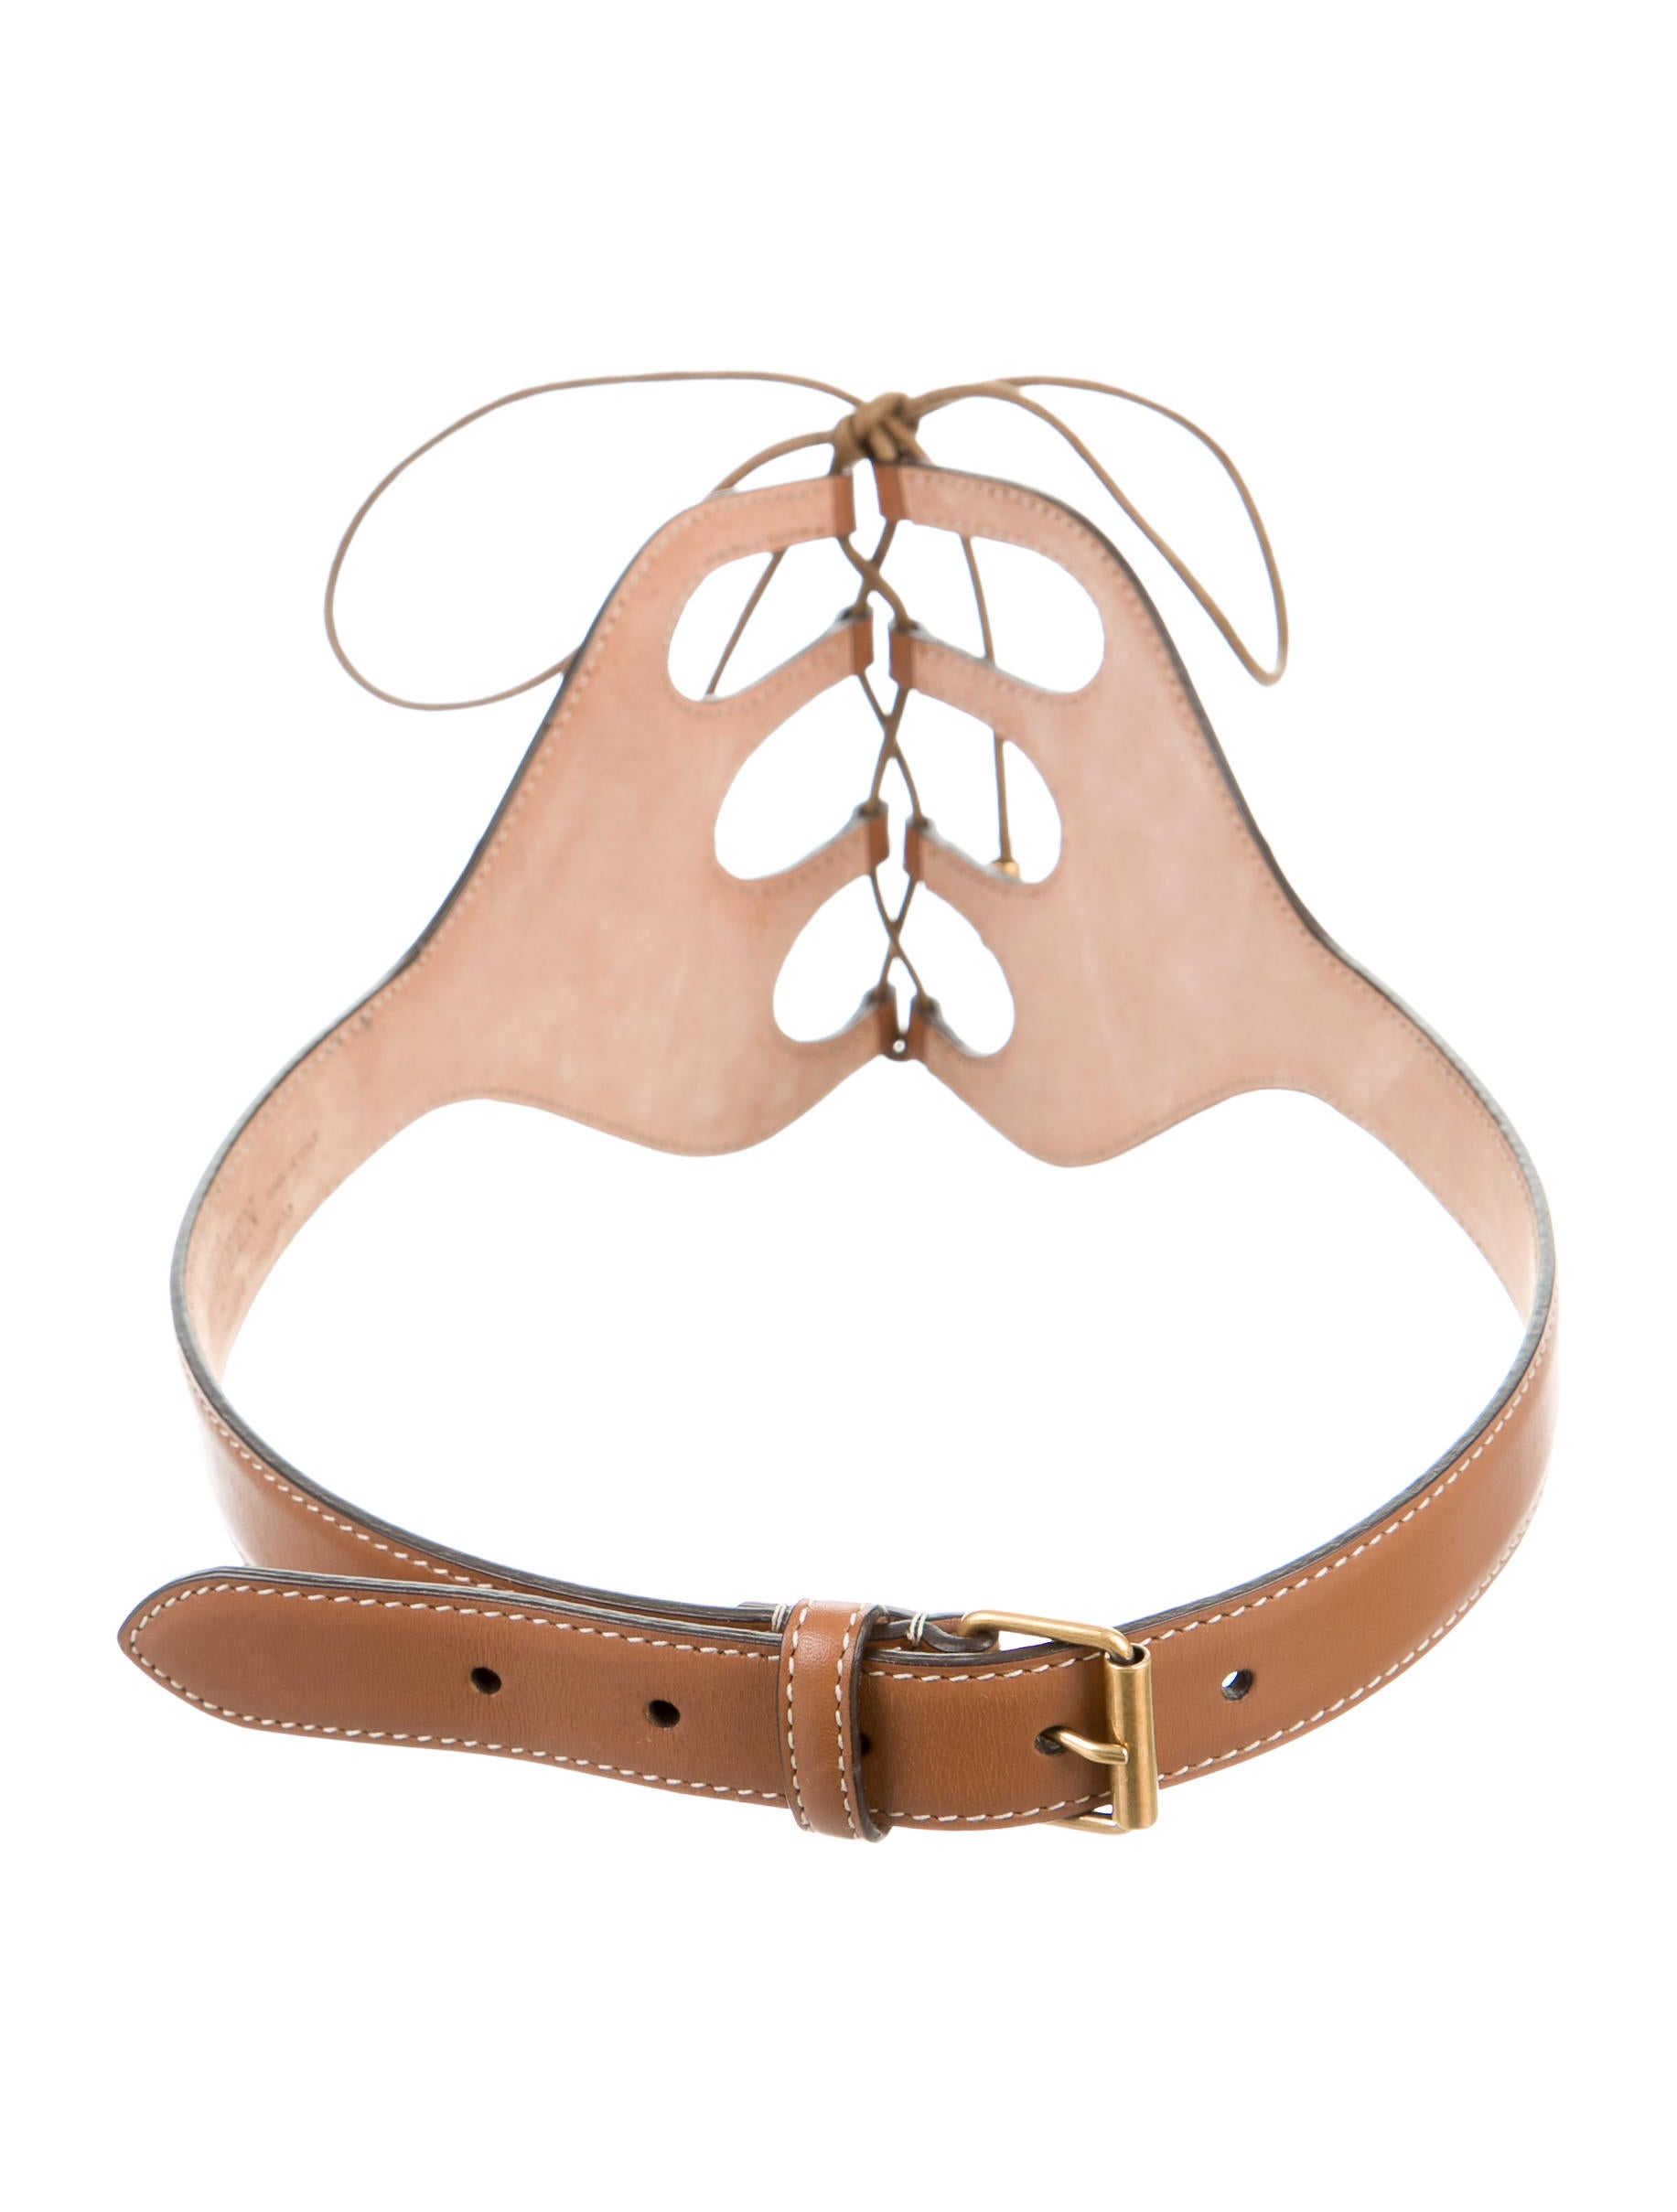 mcqueen tie up leather belt accessories